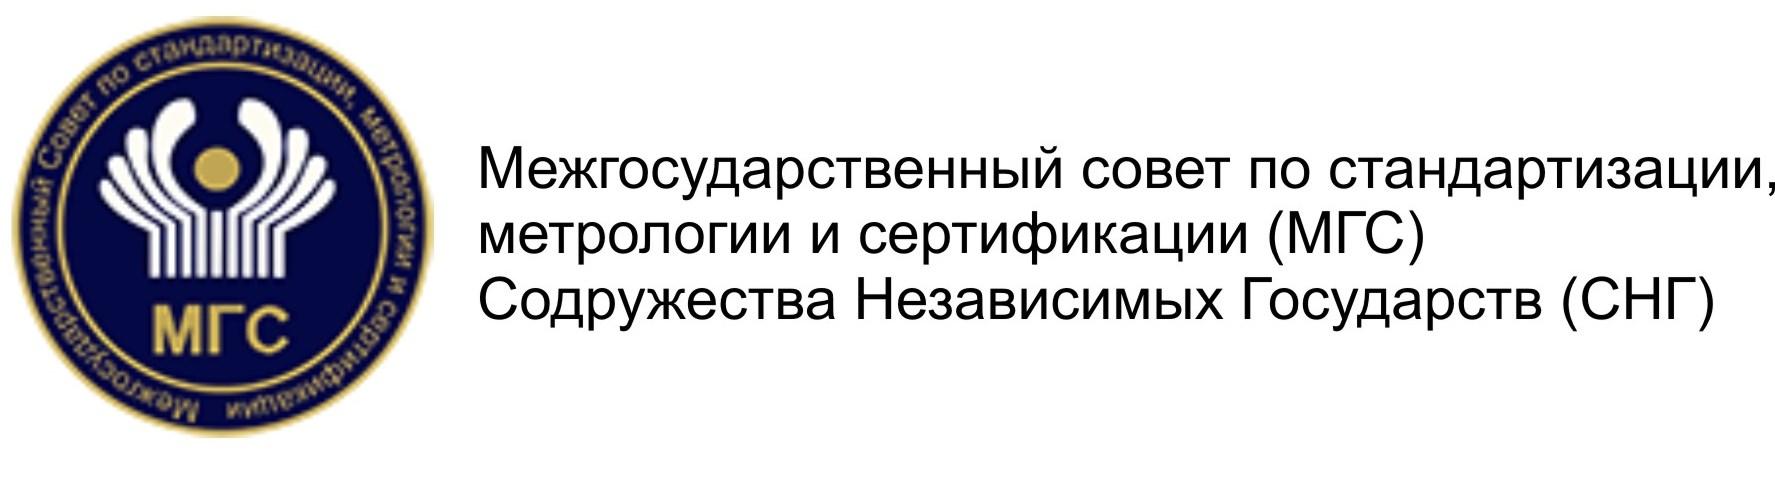 Межгосударственный совет по стандартизации, метрологии и сертификации (МГС) Содружества Независимых Государств (СНГ)